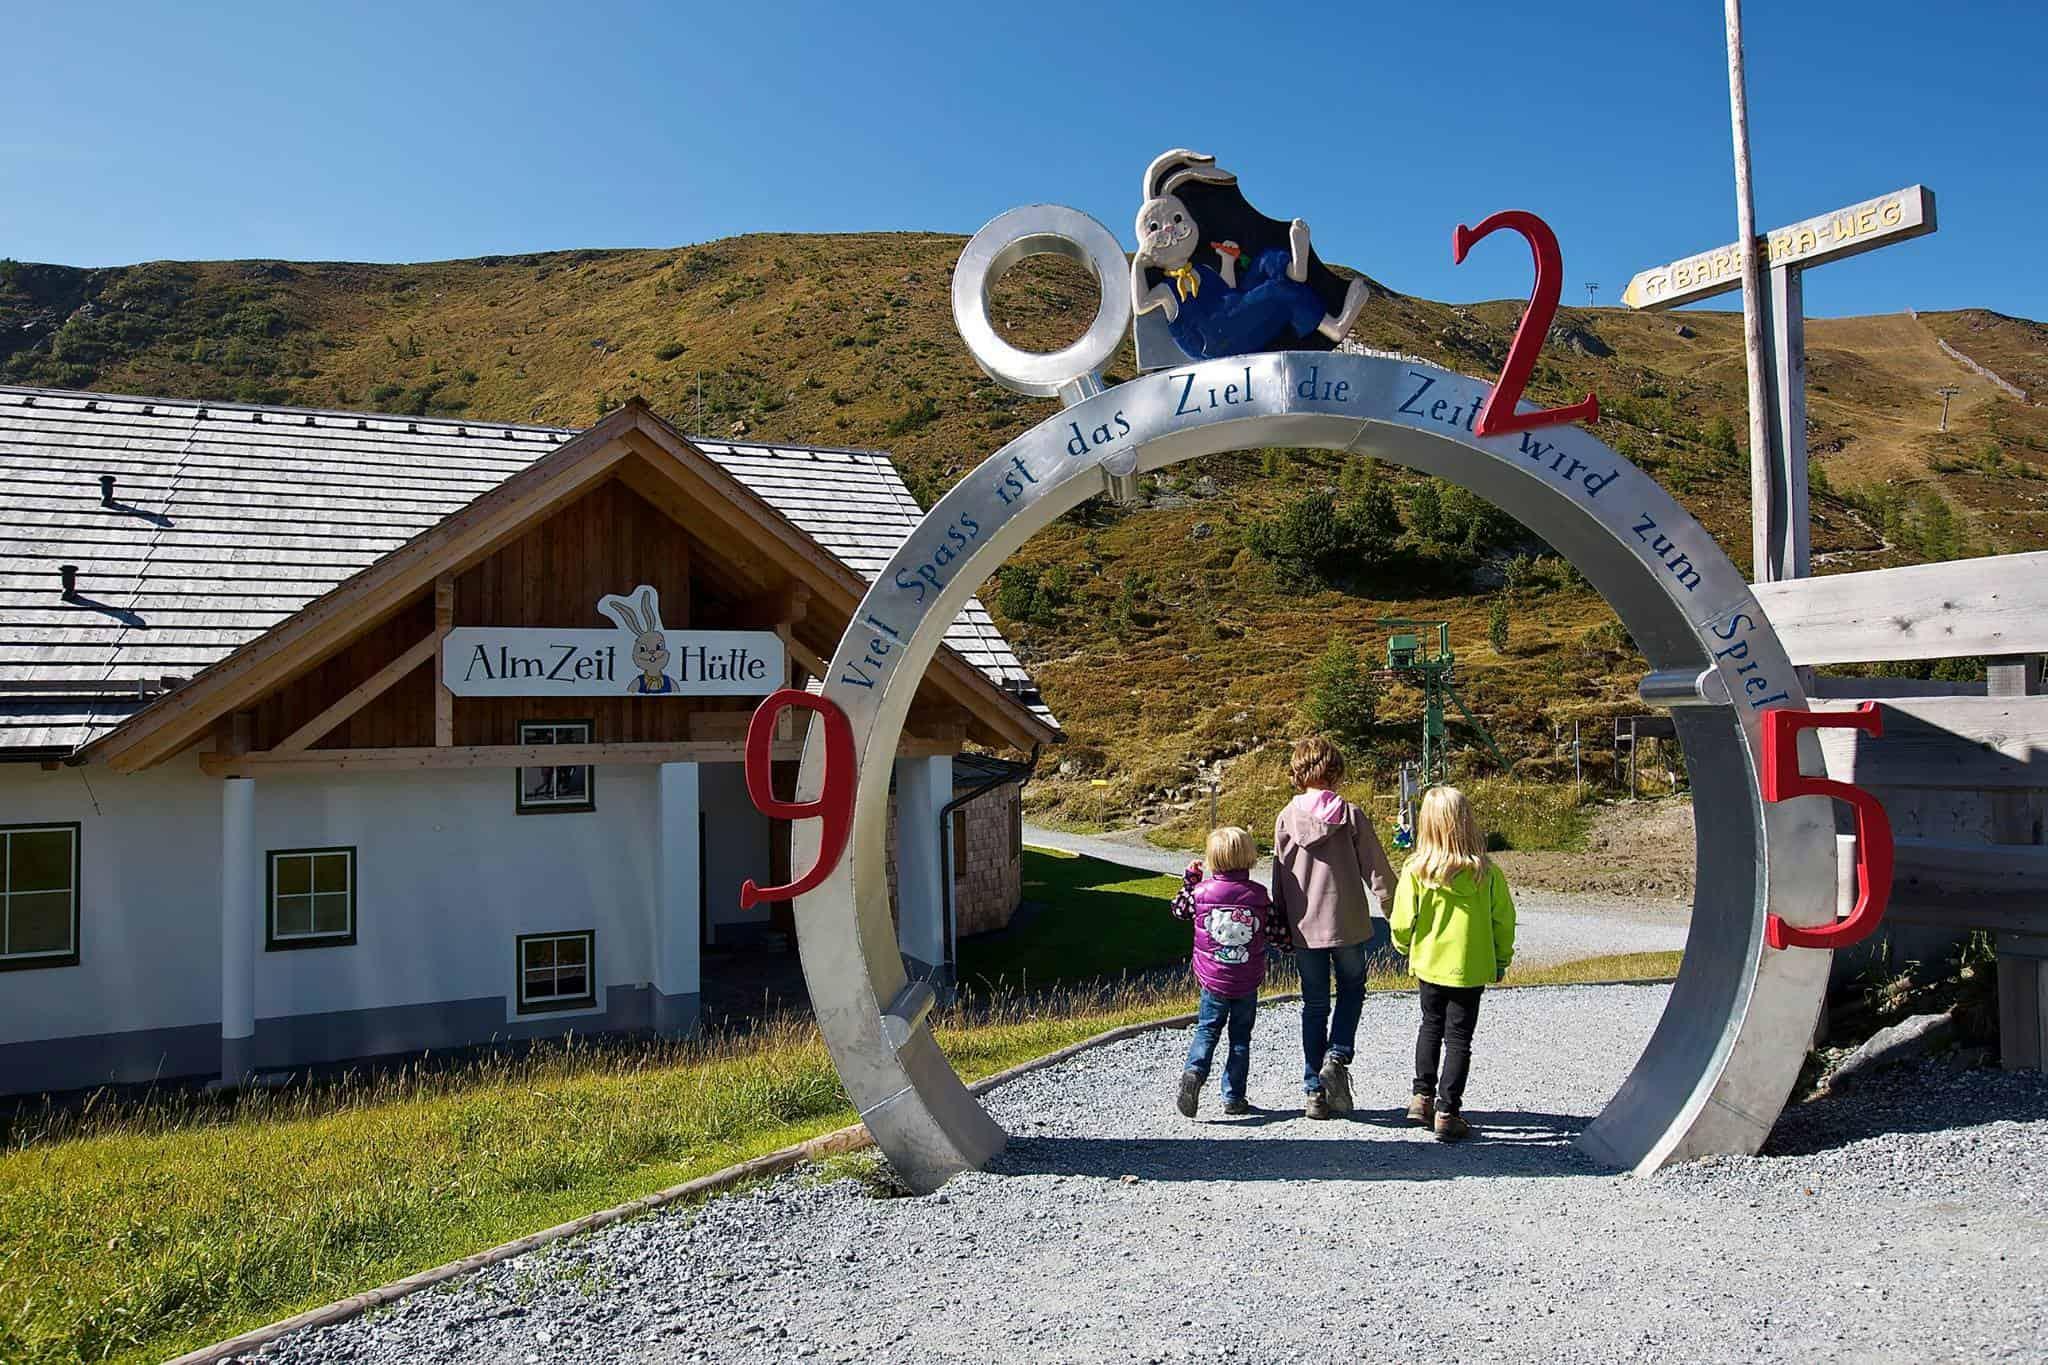 Eingang zur Nocky's Almzeit - Erlebnisspielplatz für Kinder und Familien auf der Turracher Höhe in Kärnten & Steiermark